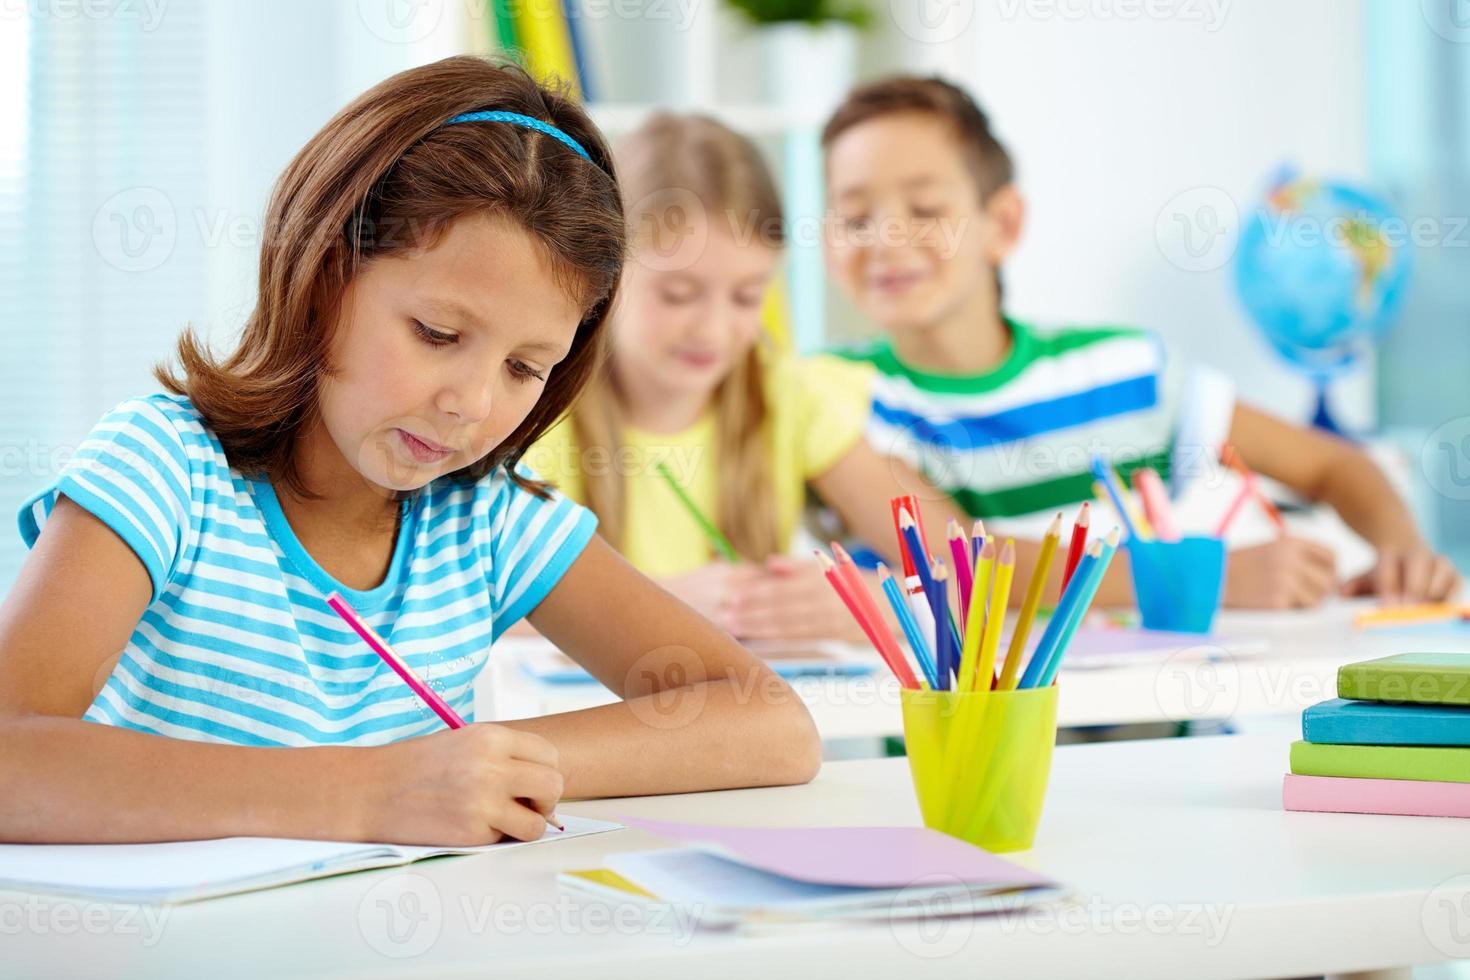 colegial na aula de desenho foto